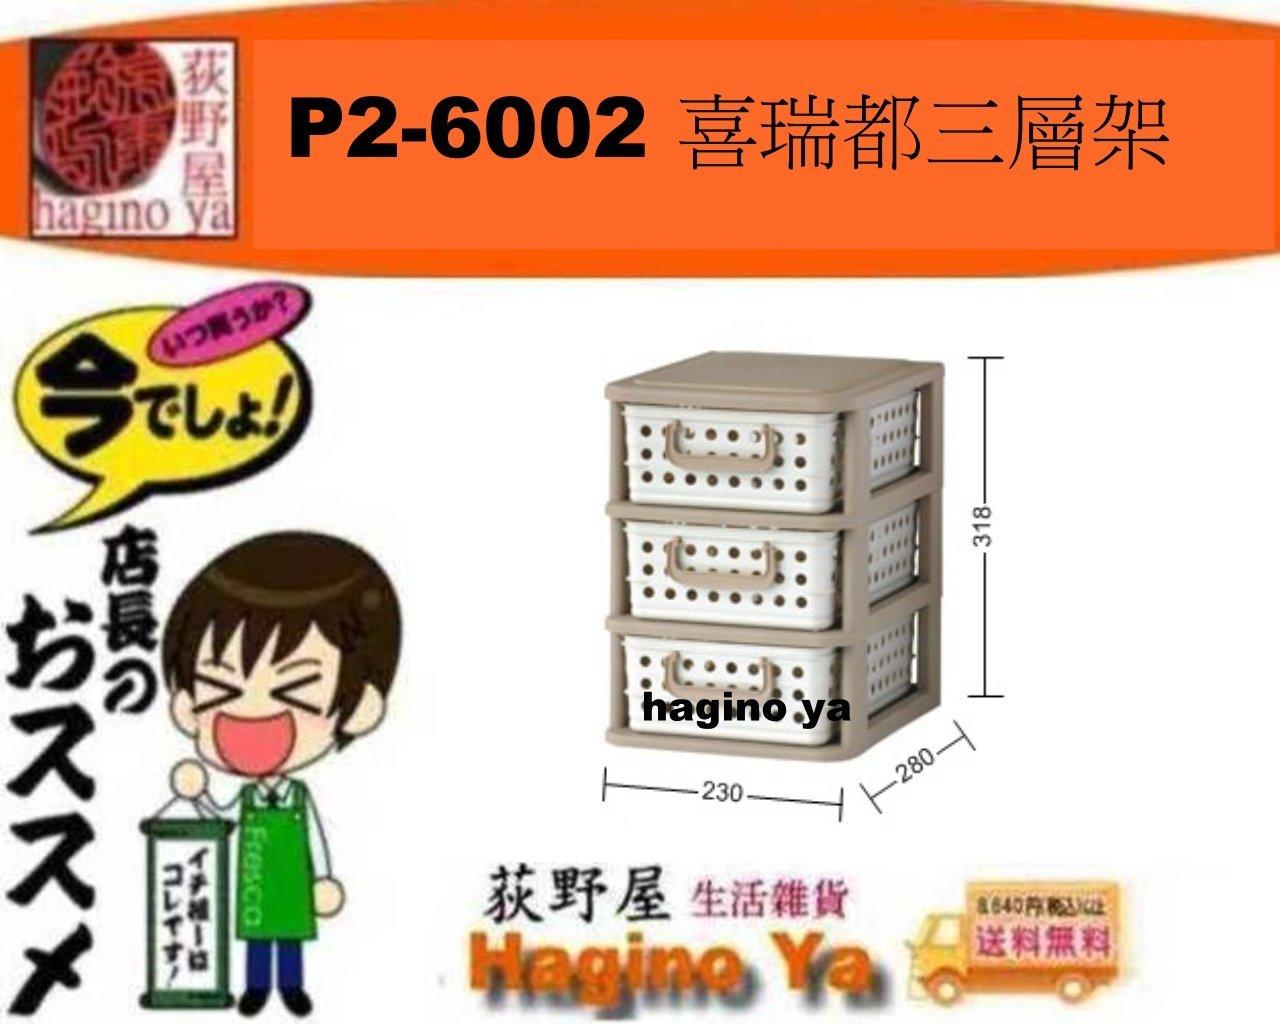 荻野屋 P2-6002 喜瑞都三層架 收納櫃 置物櫃 文具櫃 P26002 直